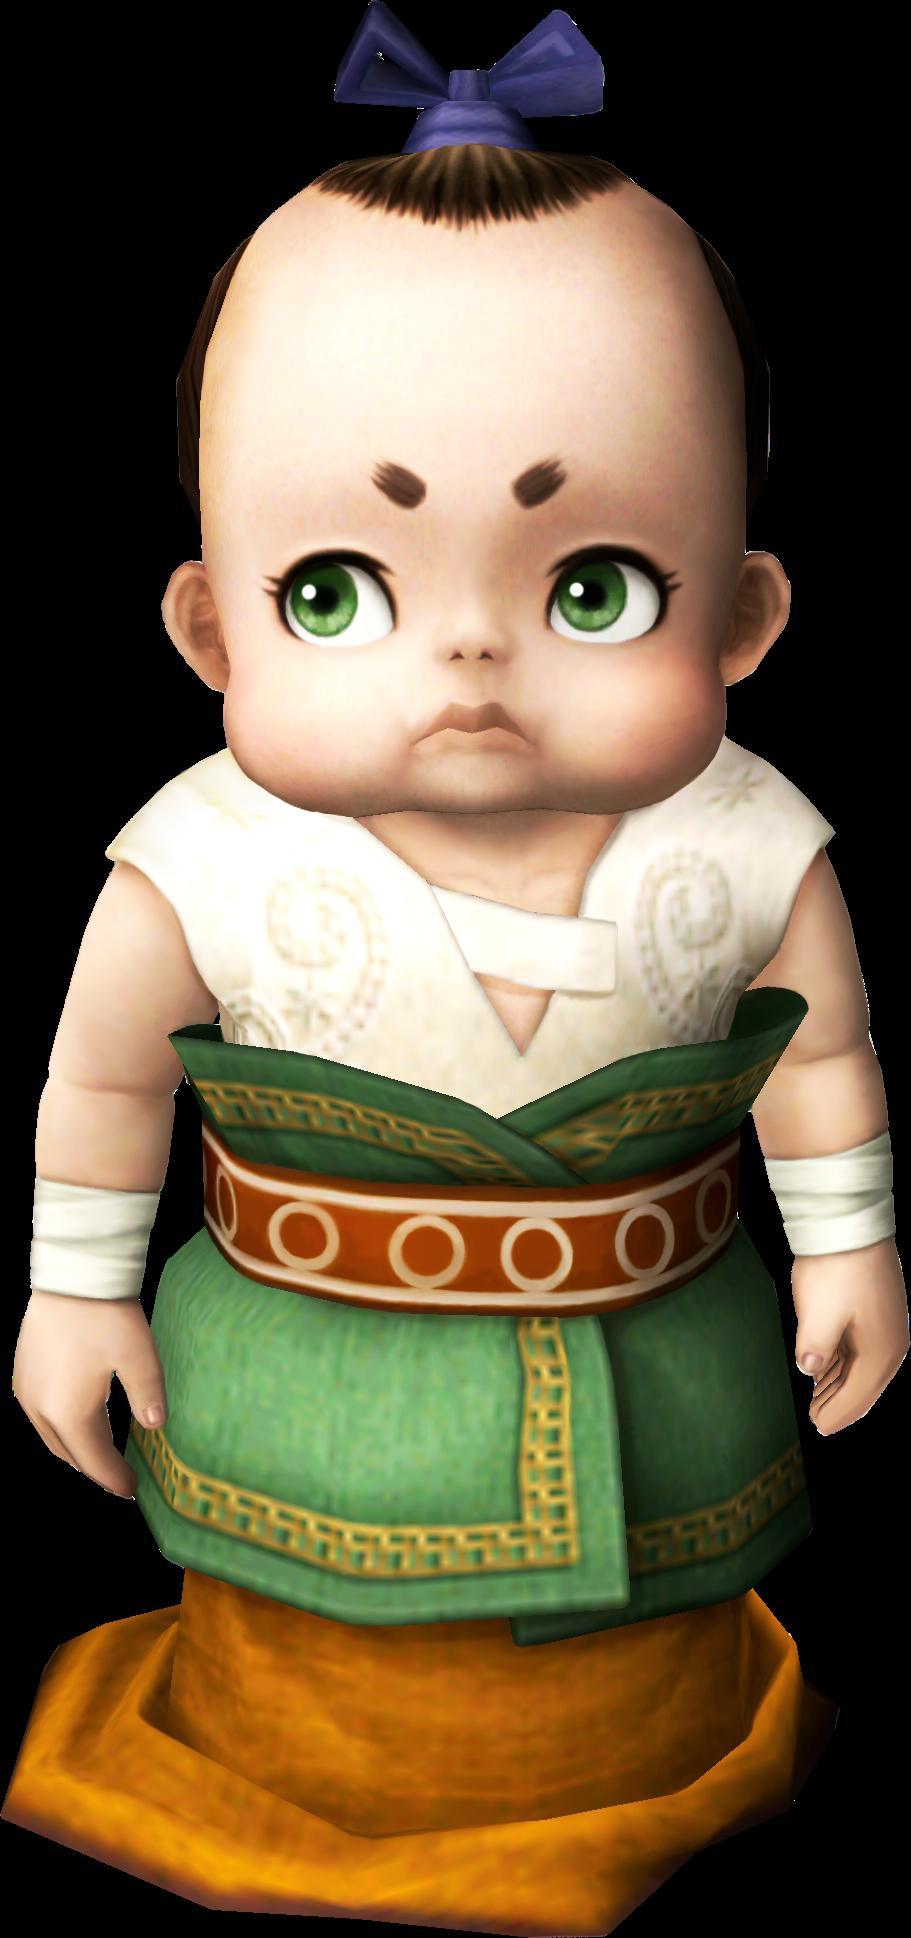 Balder (Zelda)